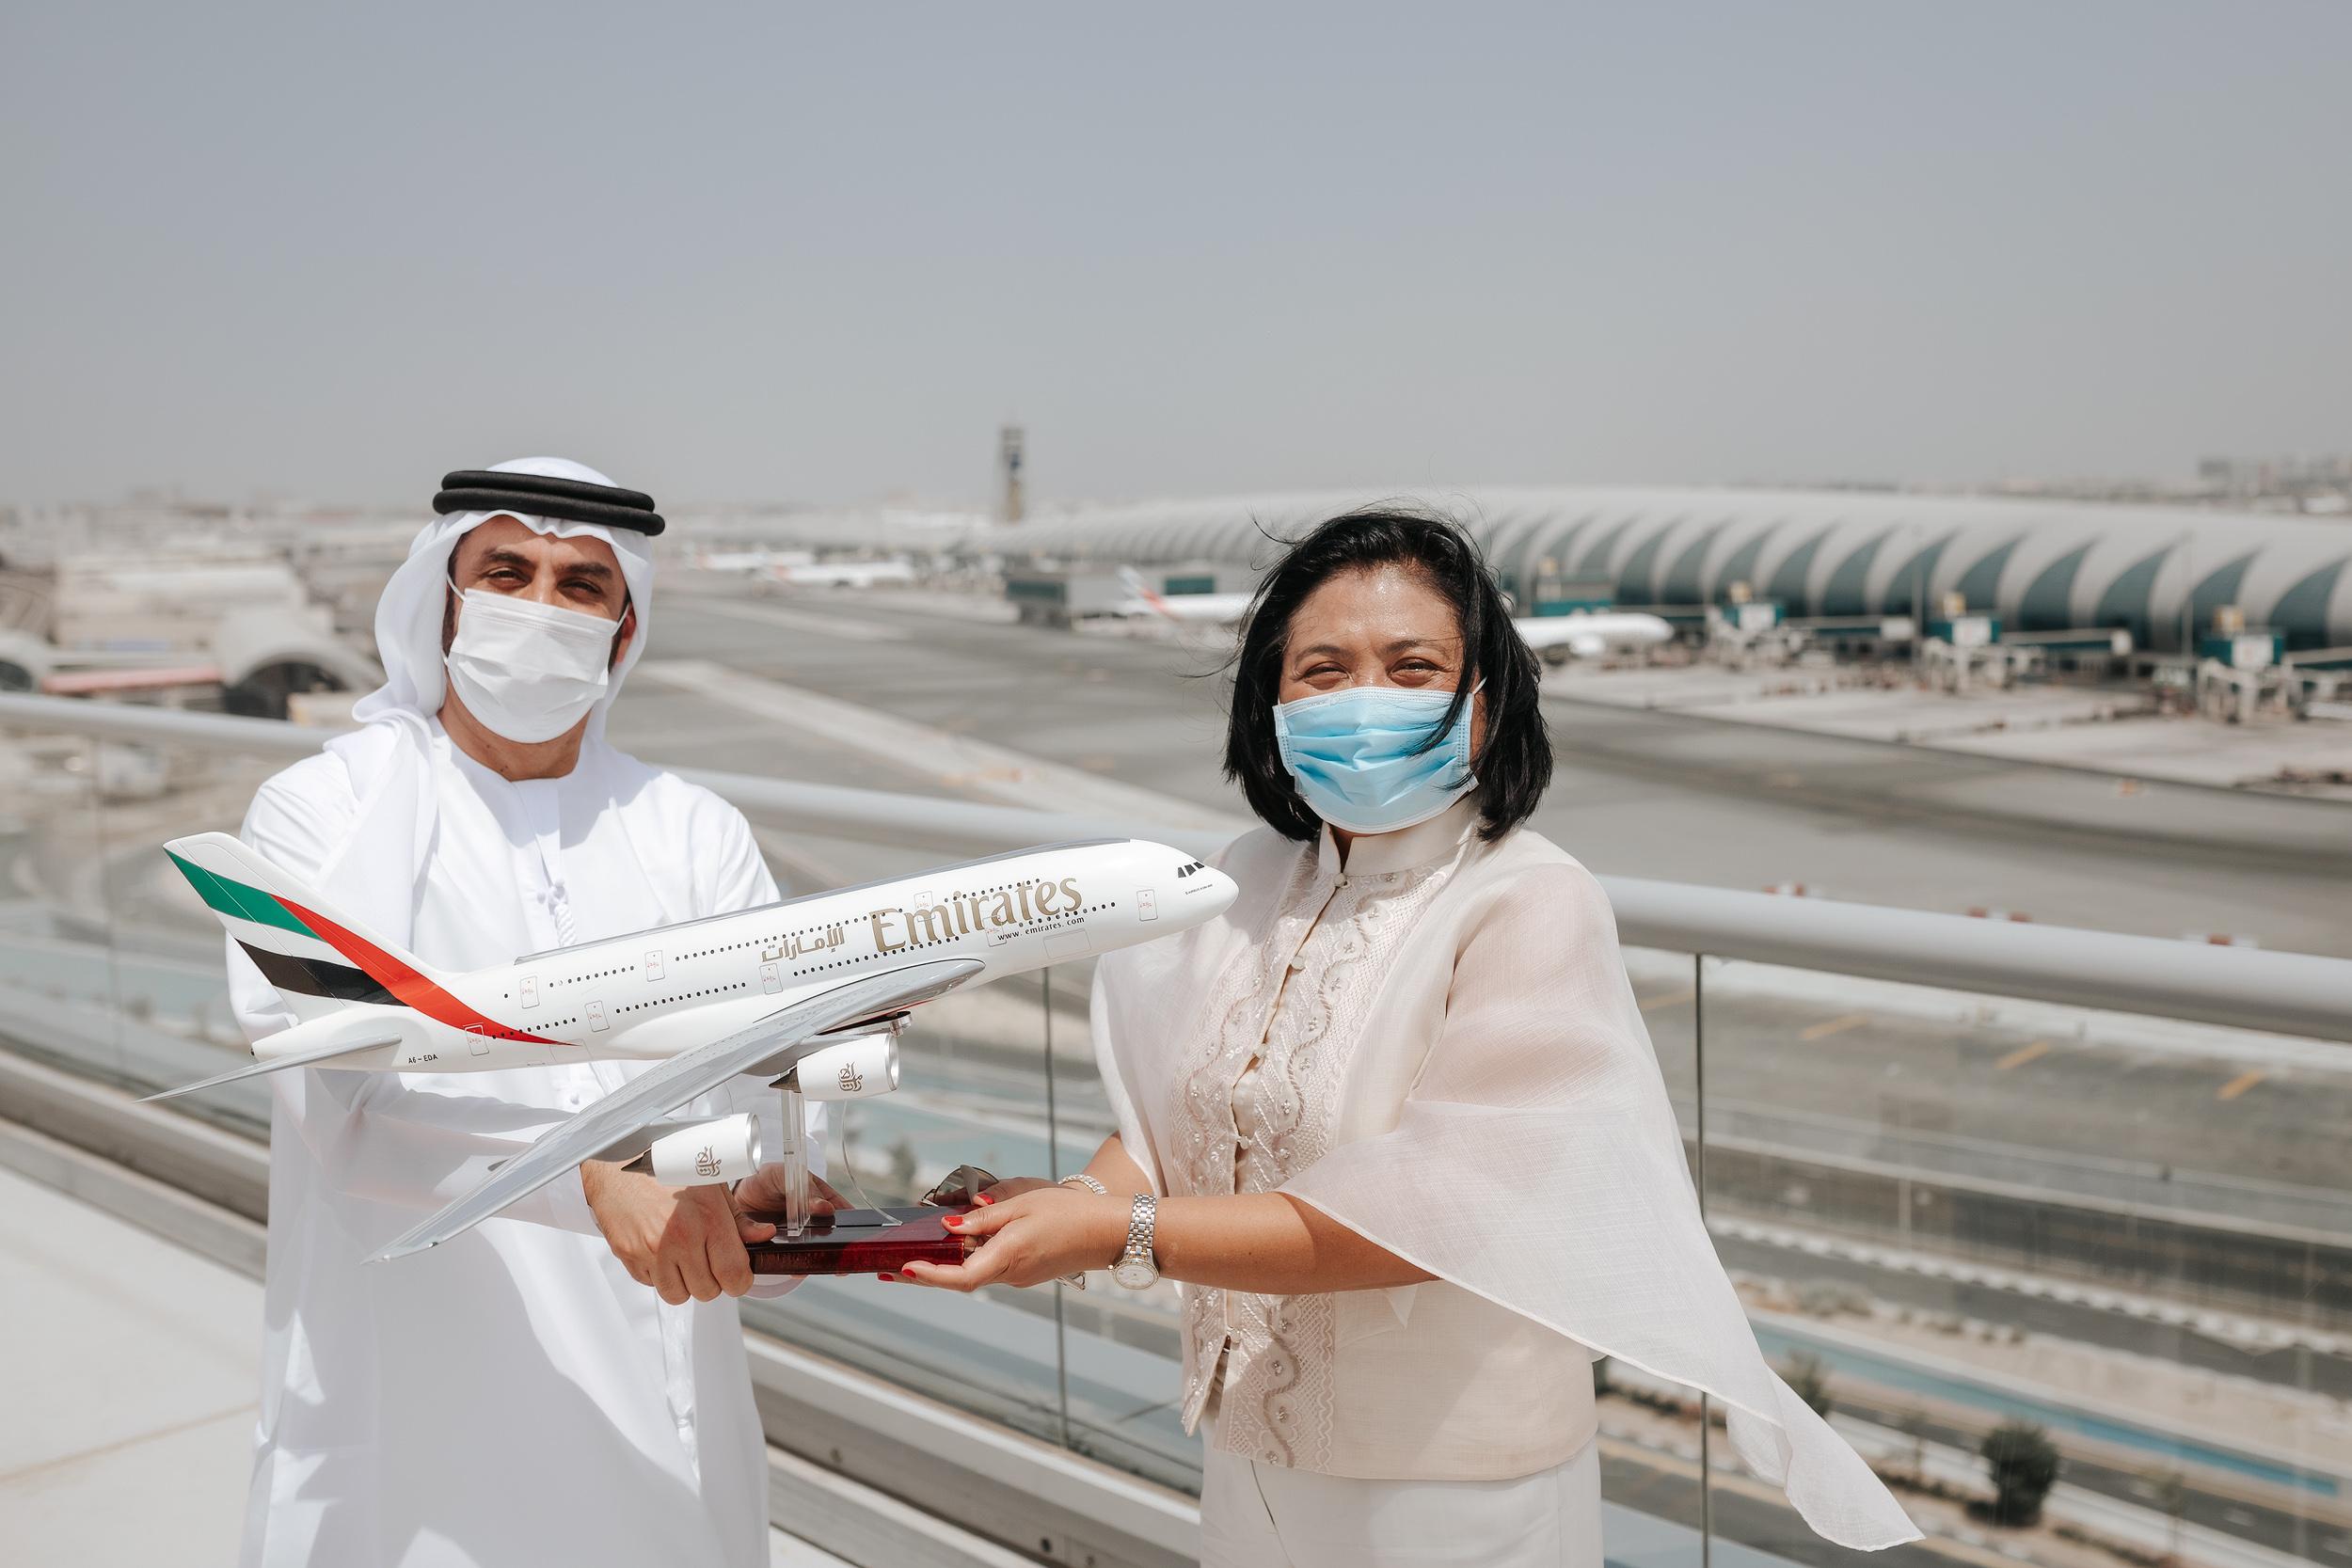 الفلبين تشكر طيران الإمارات على إجلاء مواطنيها خلال الجائحة